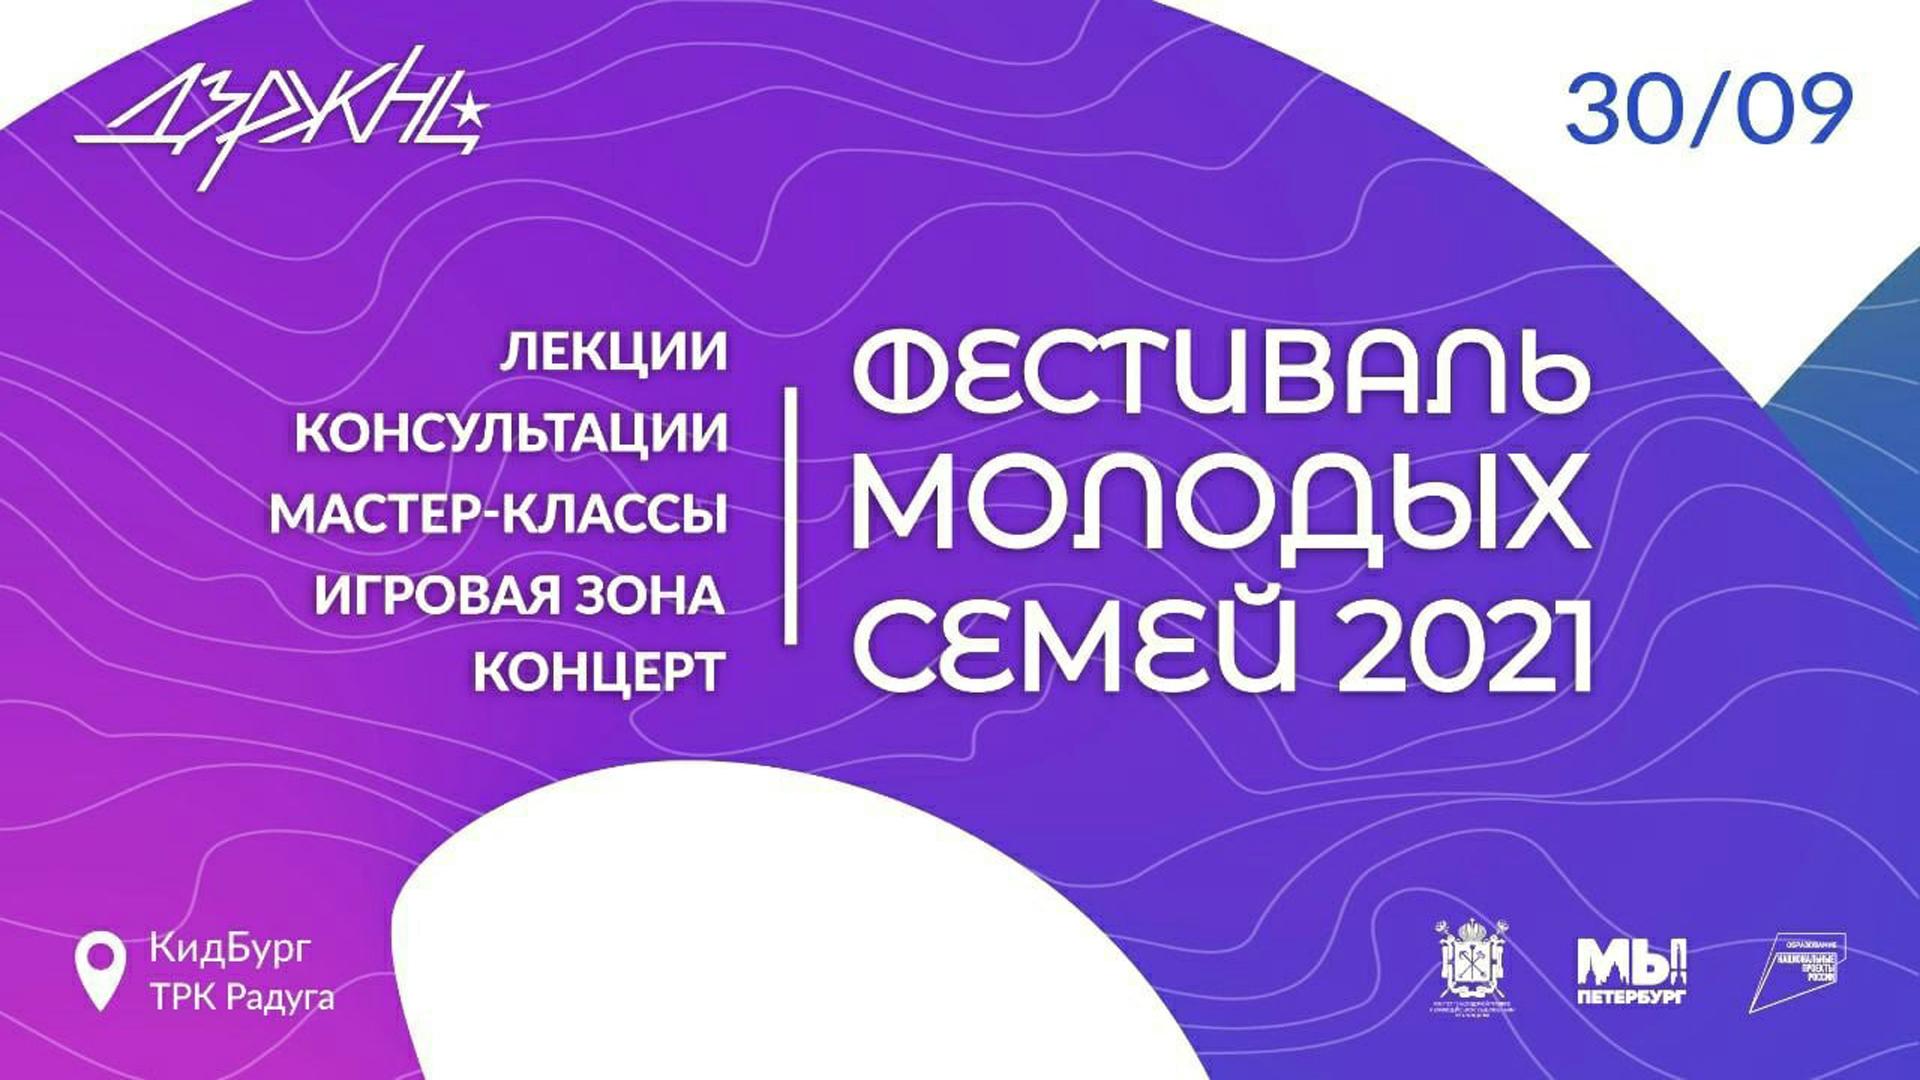 ФЕСТИВАЛЬ МОЛОДЫХ СЕМЕЙ 2021